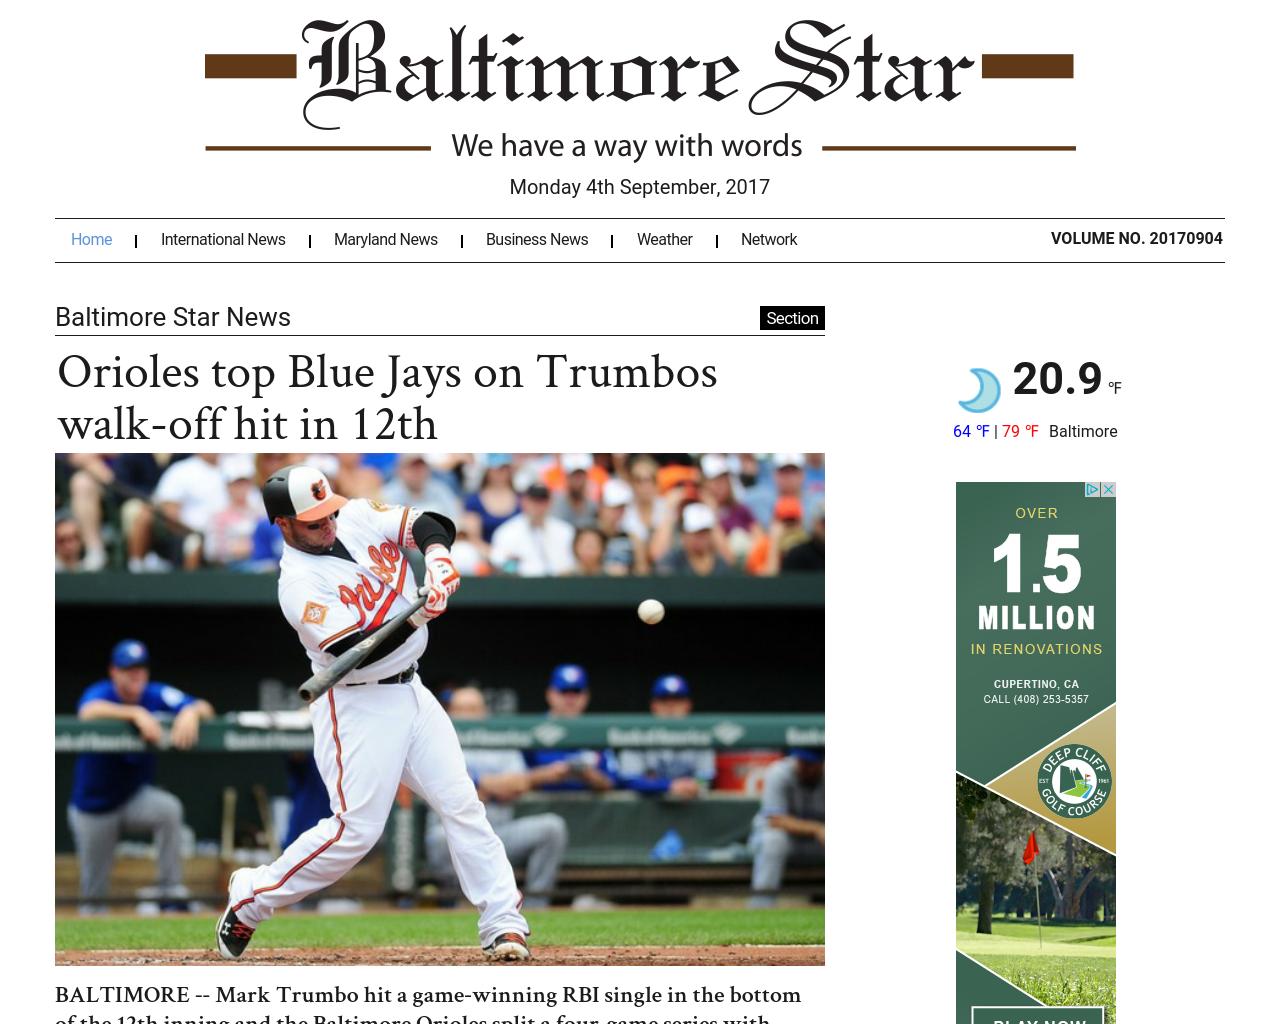 Baltimore-Star-Advertising-Reviews-Pricing